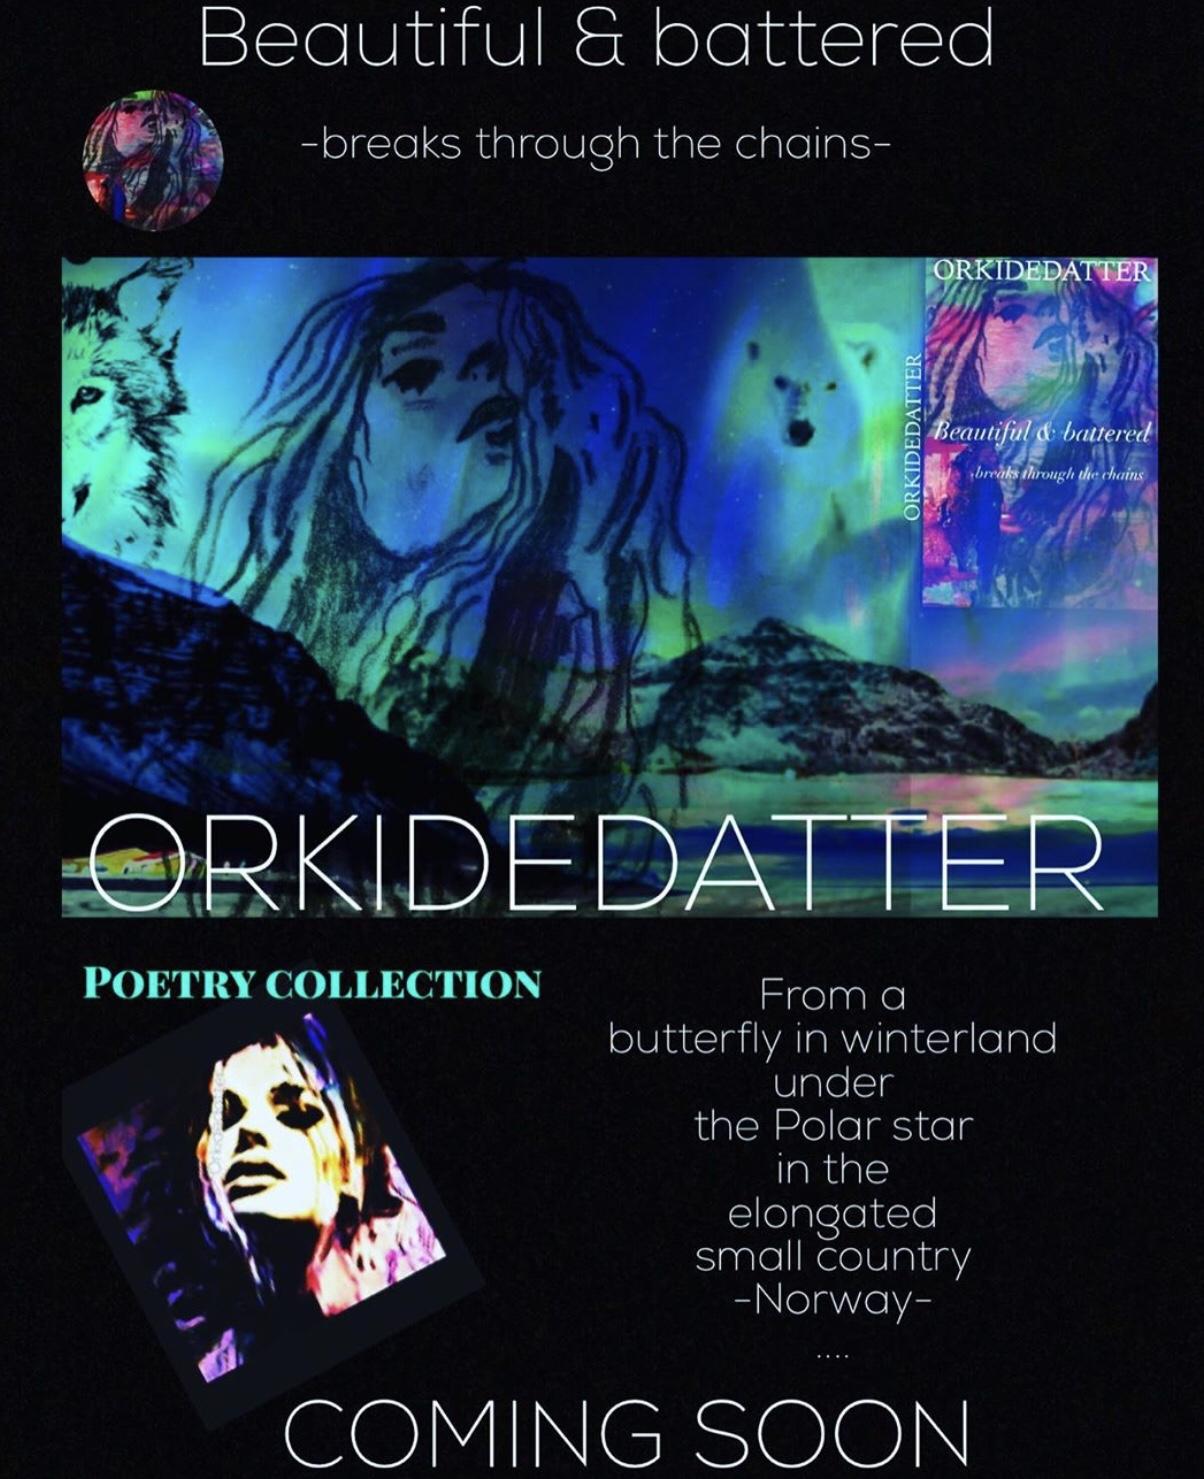 Art my own, Orkidedatter